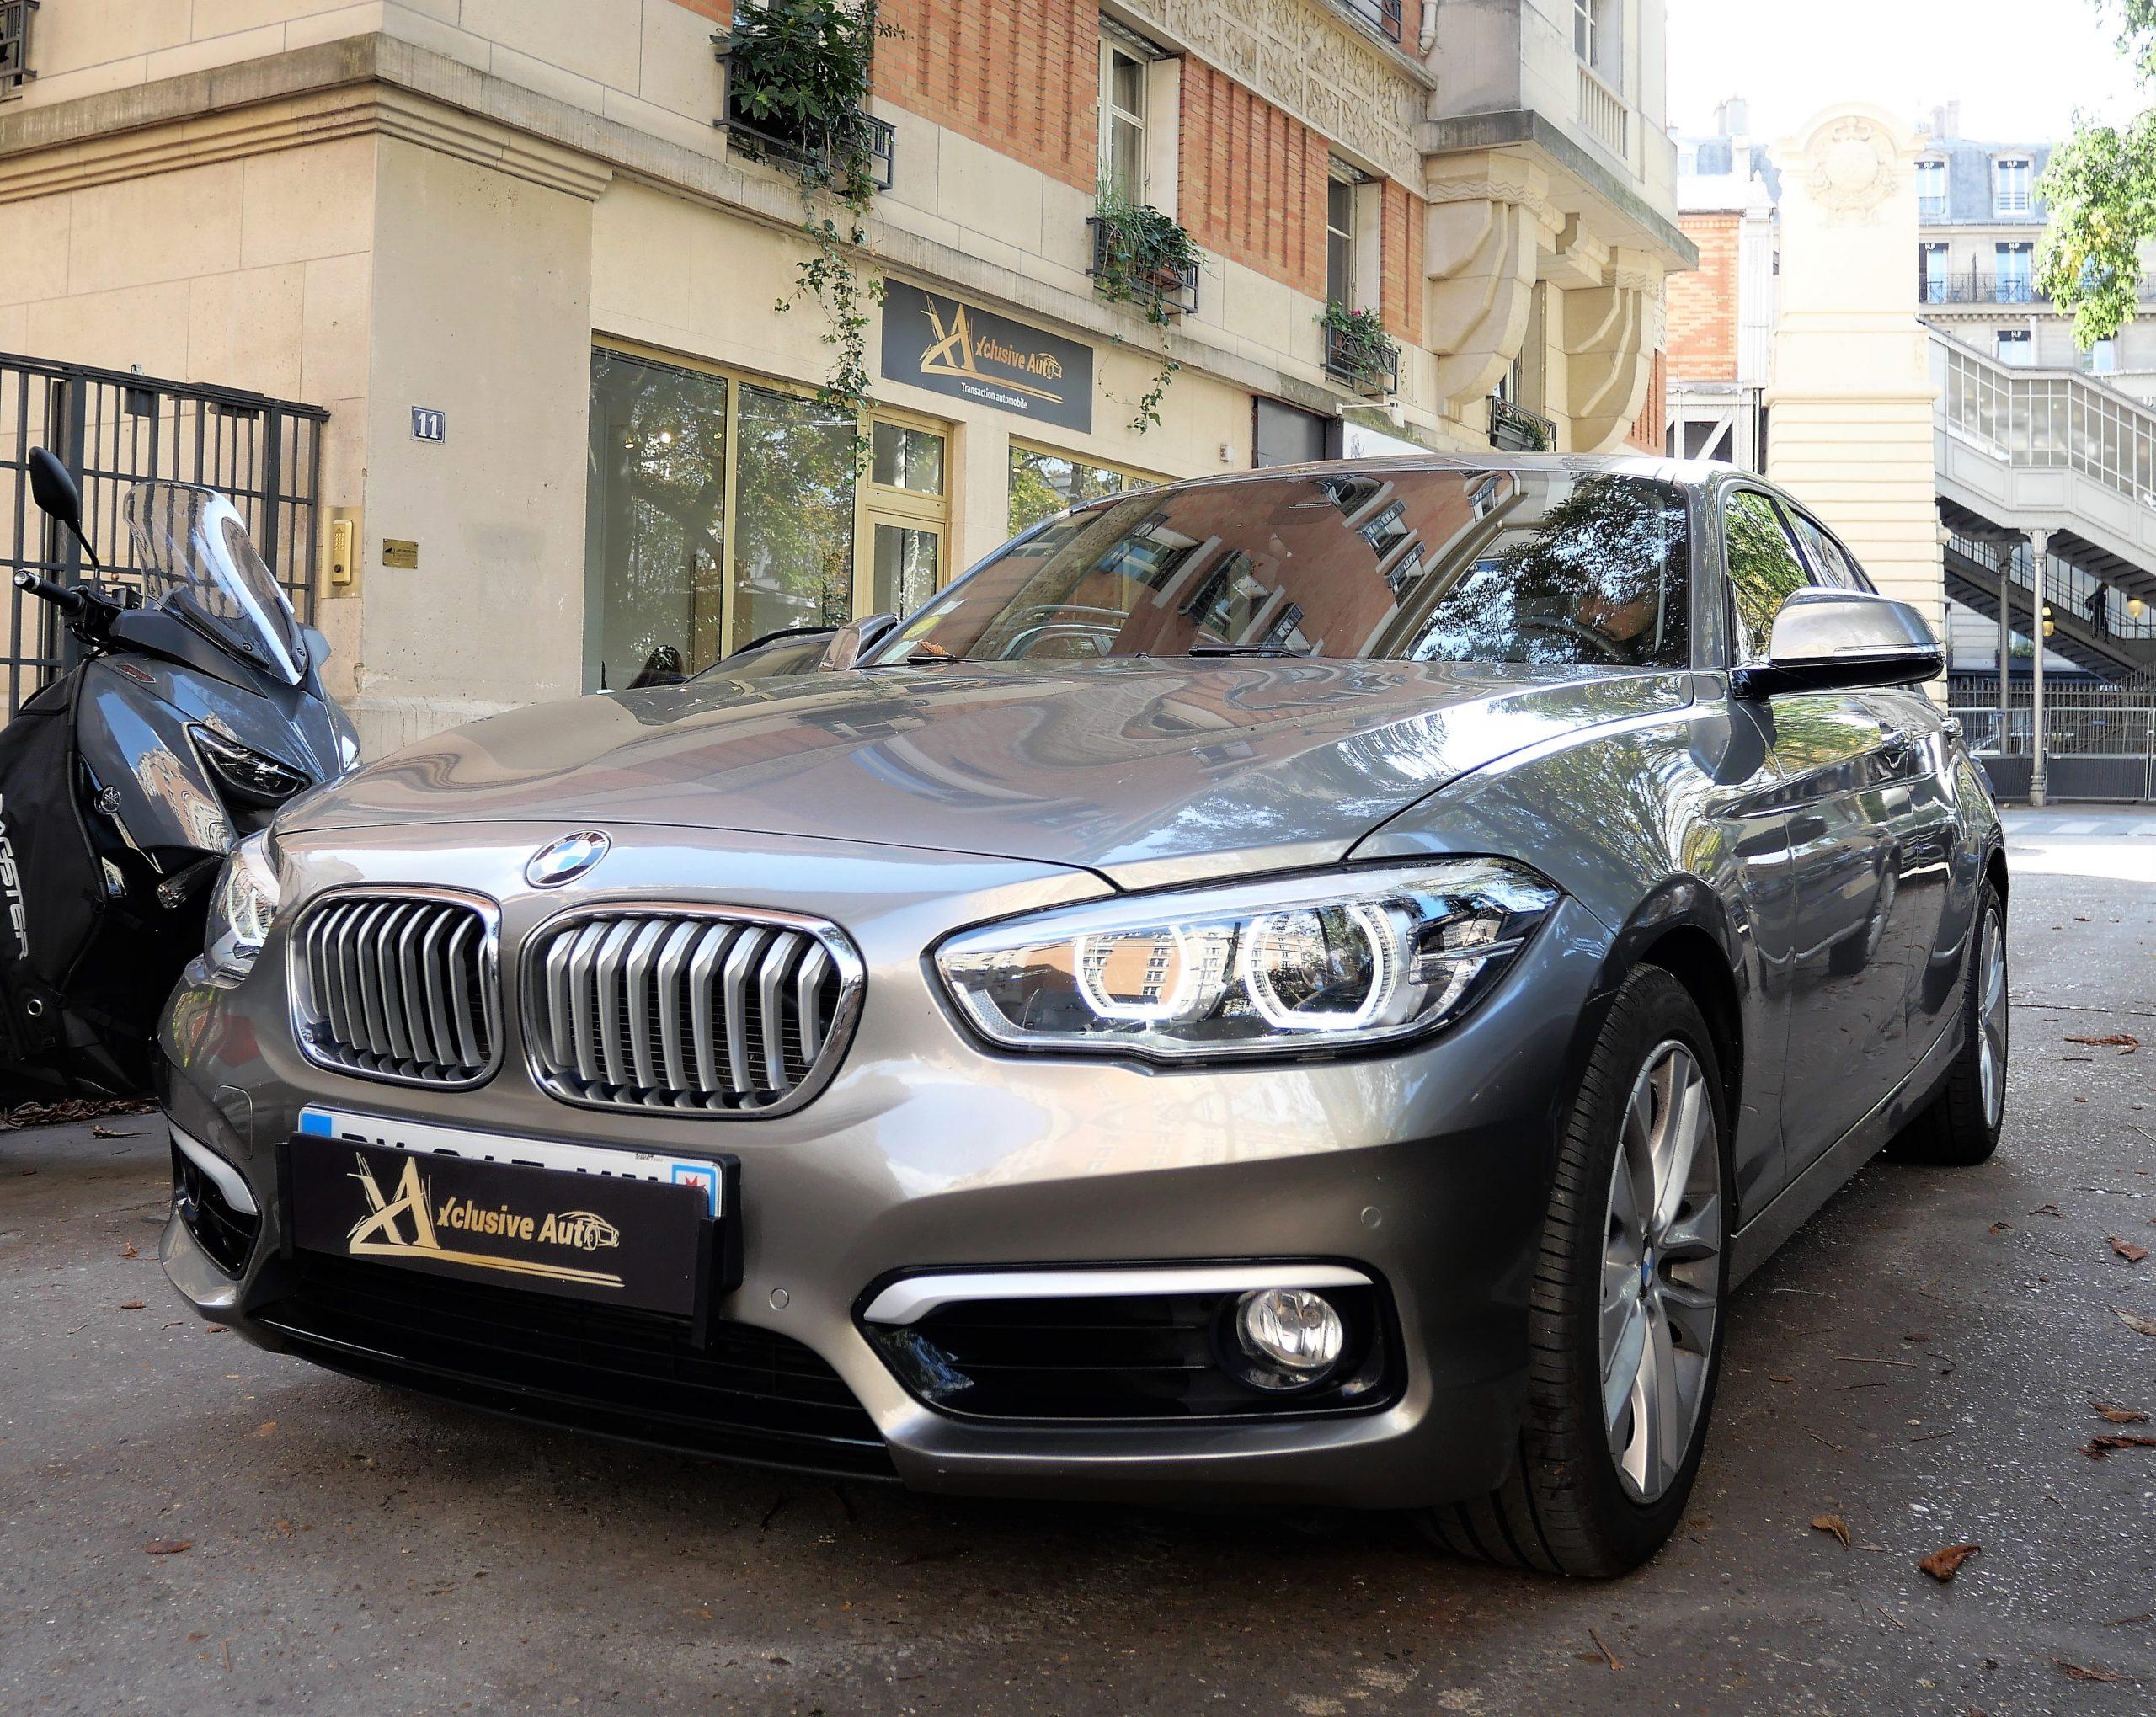 BMW Série 1 (F20) XDrive LCI 120d 2.0 d 190ch 0